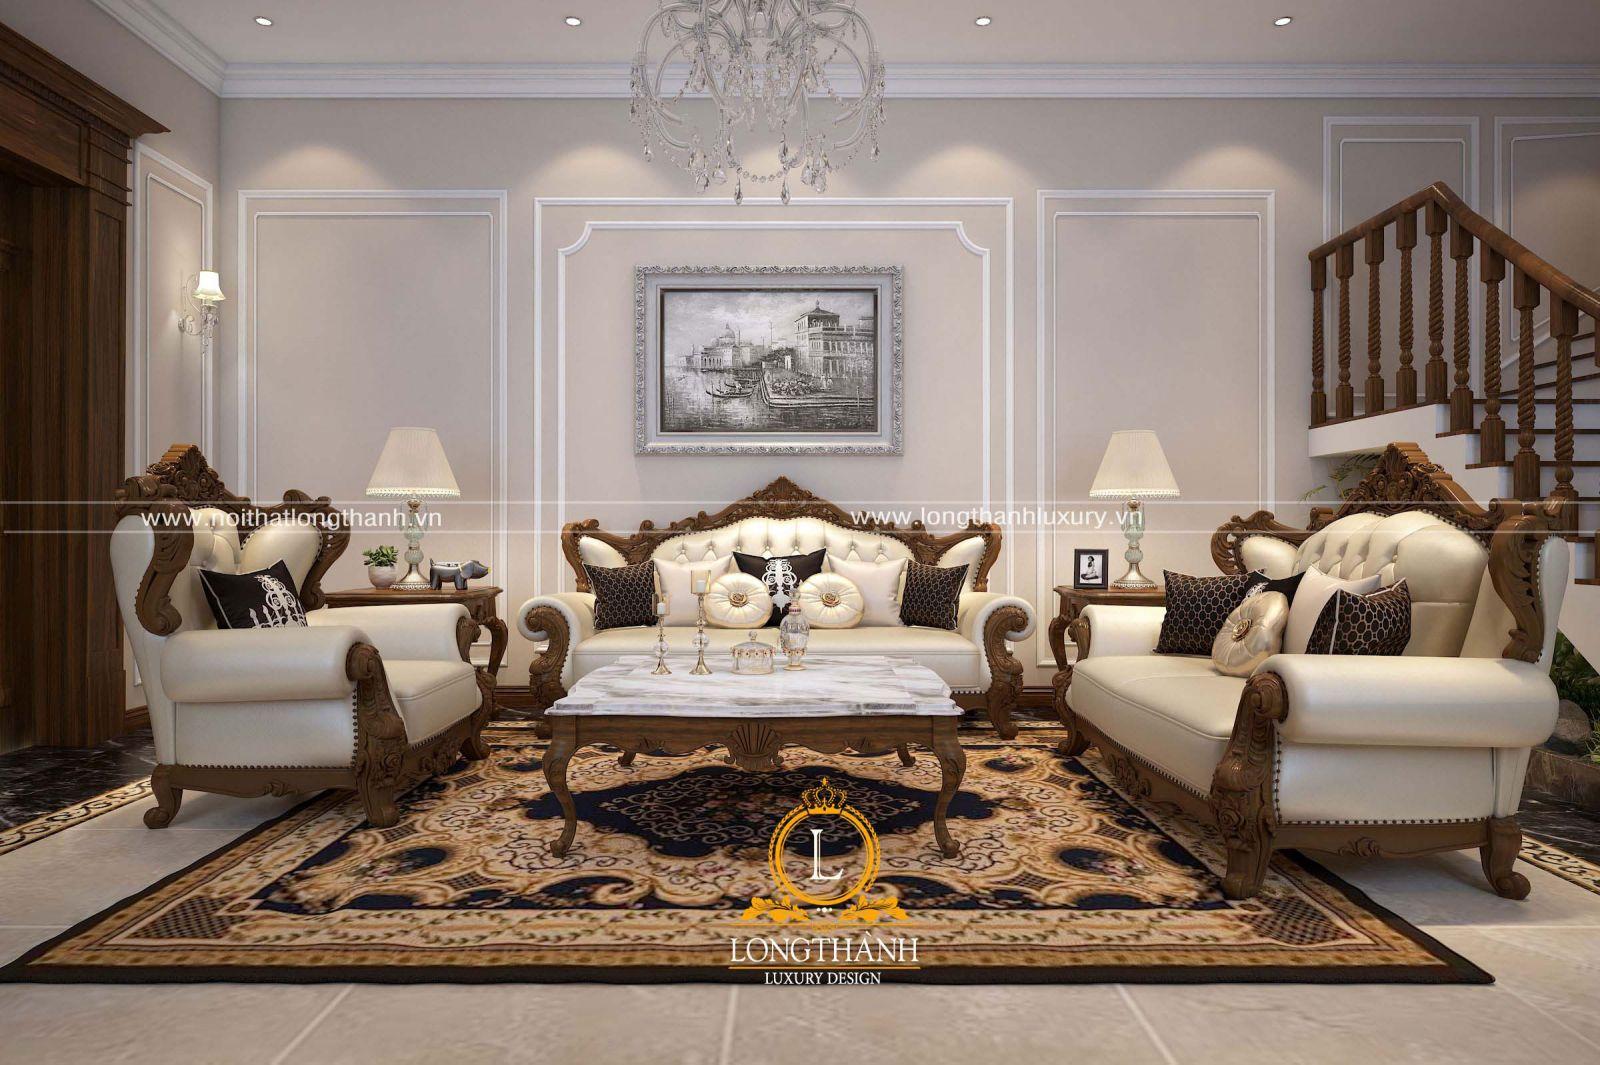 Không gian phòng khách đẹp với bộ sofa tân cổ điển kết hợp thảm trải sàn